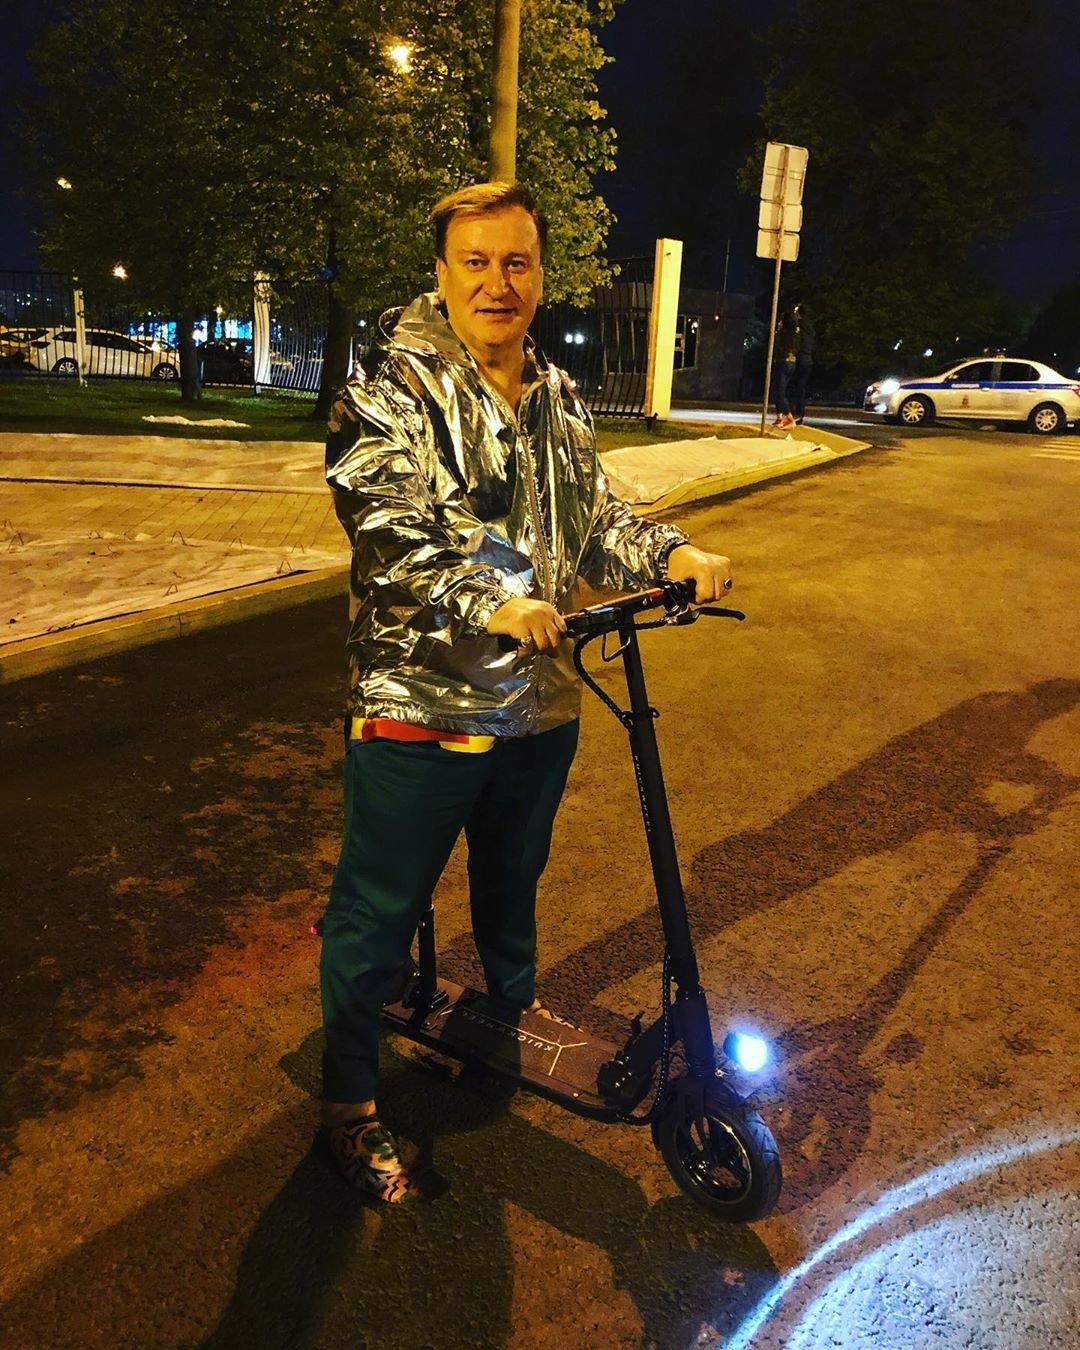 Сергею Пенкину уже 58: как он выглядит сейчас наши звезды,певец,развлечение,Сергей Пенкин,шоу,шоубиz,шоубиз